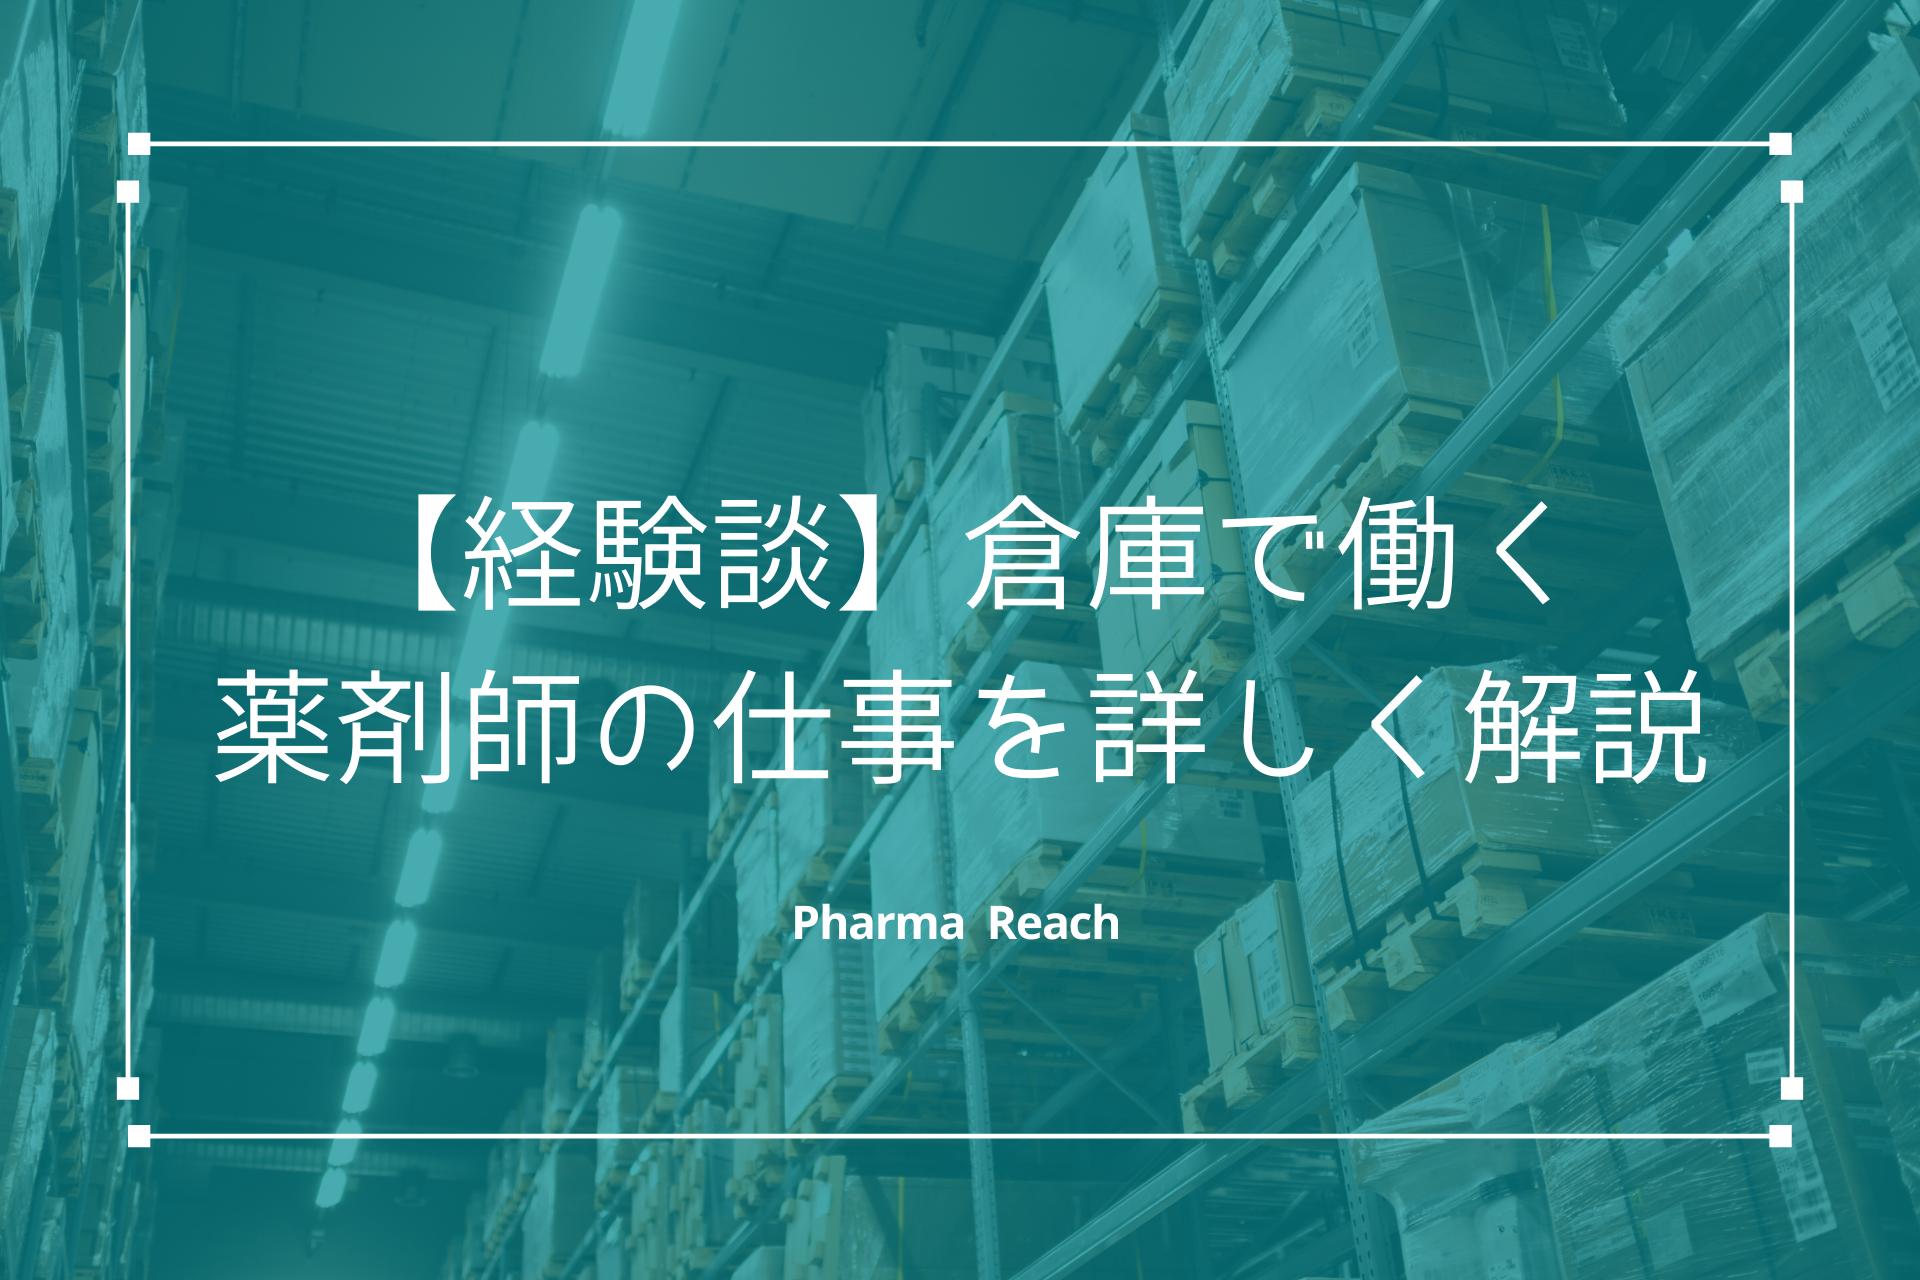 【経験談】倉庫で働く薬剤師の仕事を詳しく解説